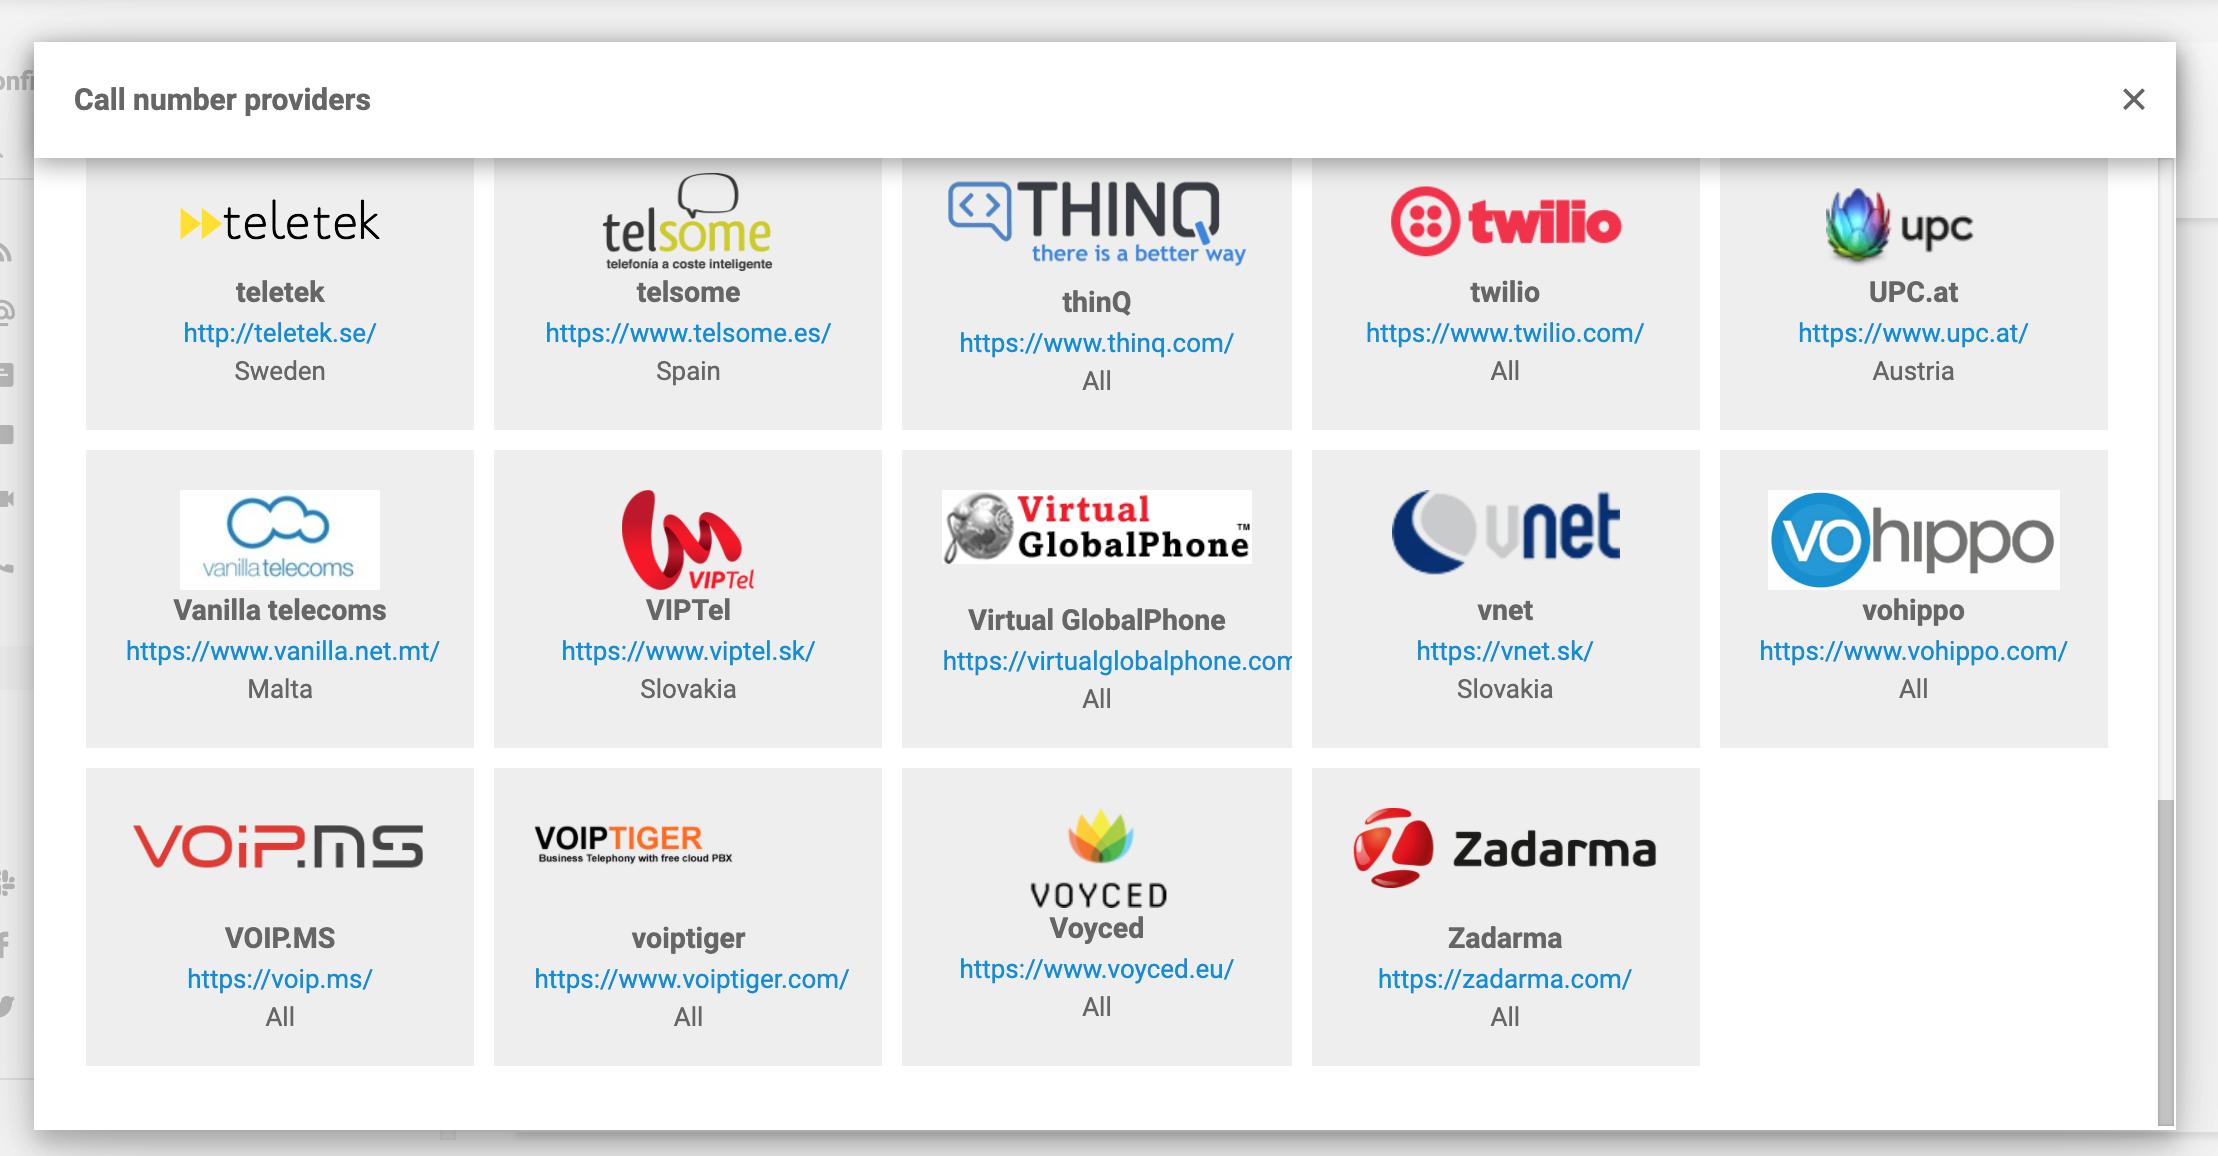 LiveAgent-VoIP-partners-VoipTiger